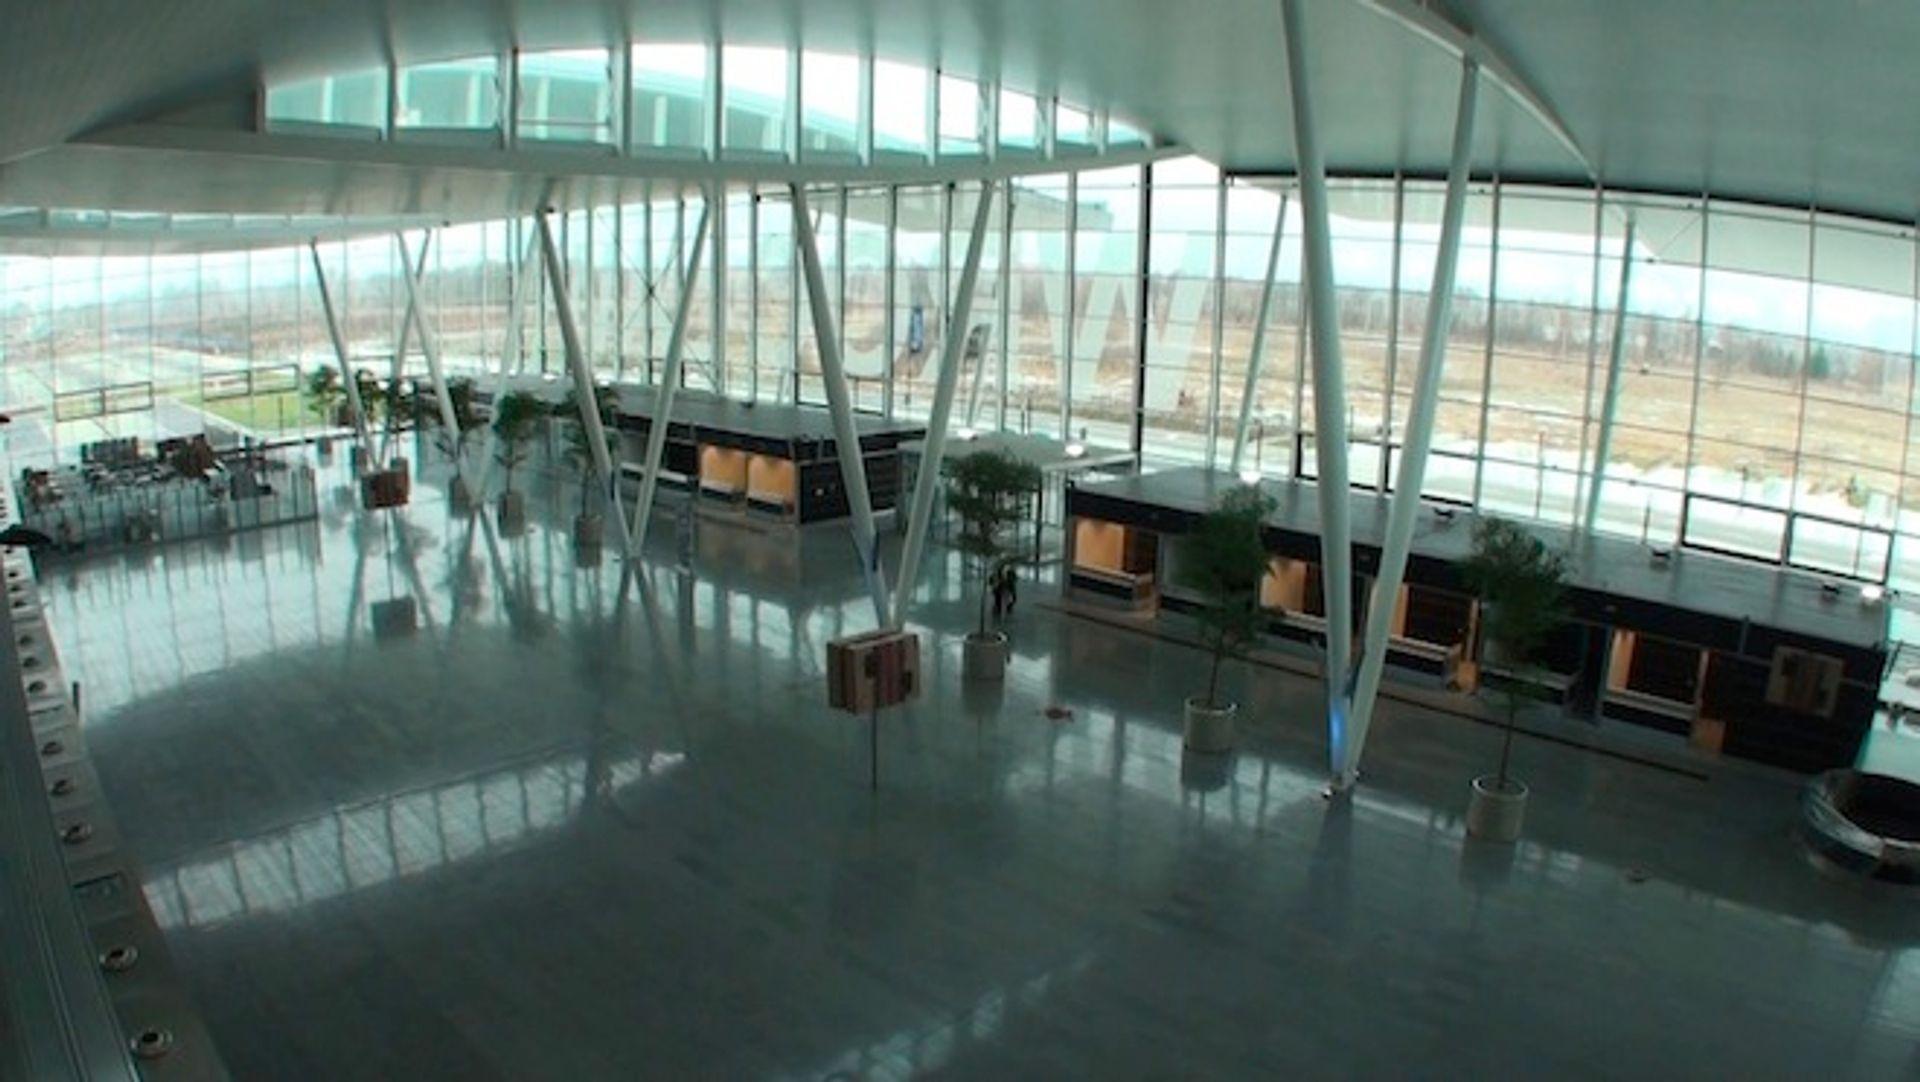 [Wrocław] Sprawdź dokładny program dnia otwartego na wrocławskim terminalu